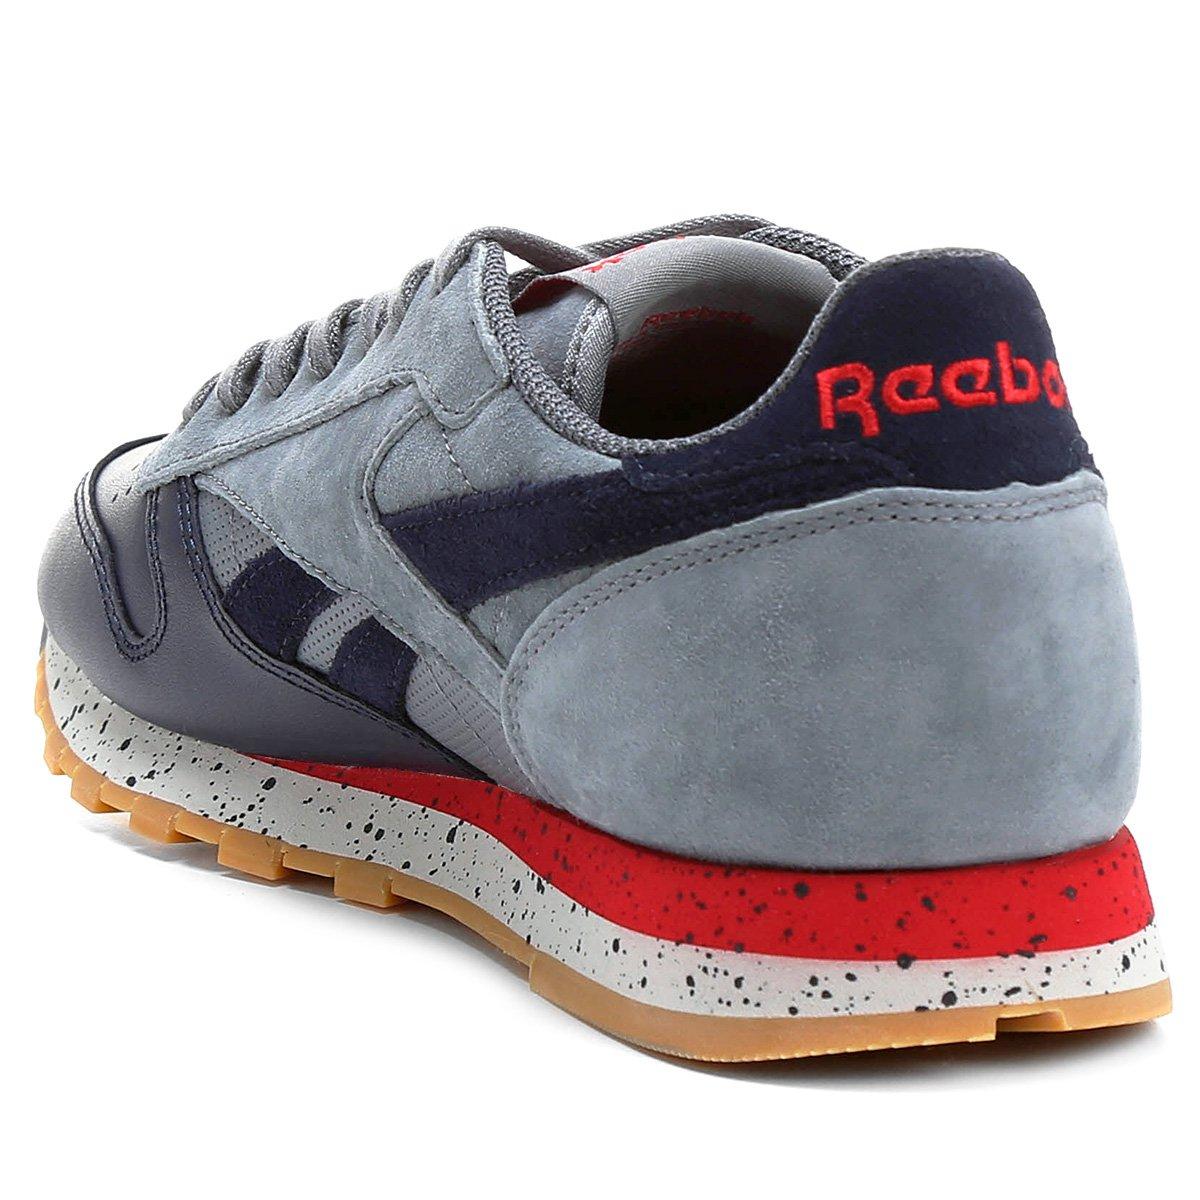 Tênis Reebok M Cl Leather Sm - Compre Agora  e94ad40803474